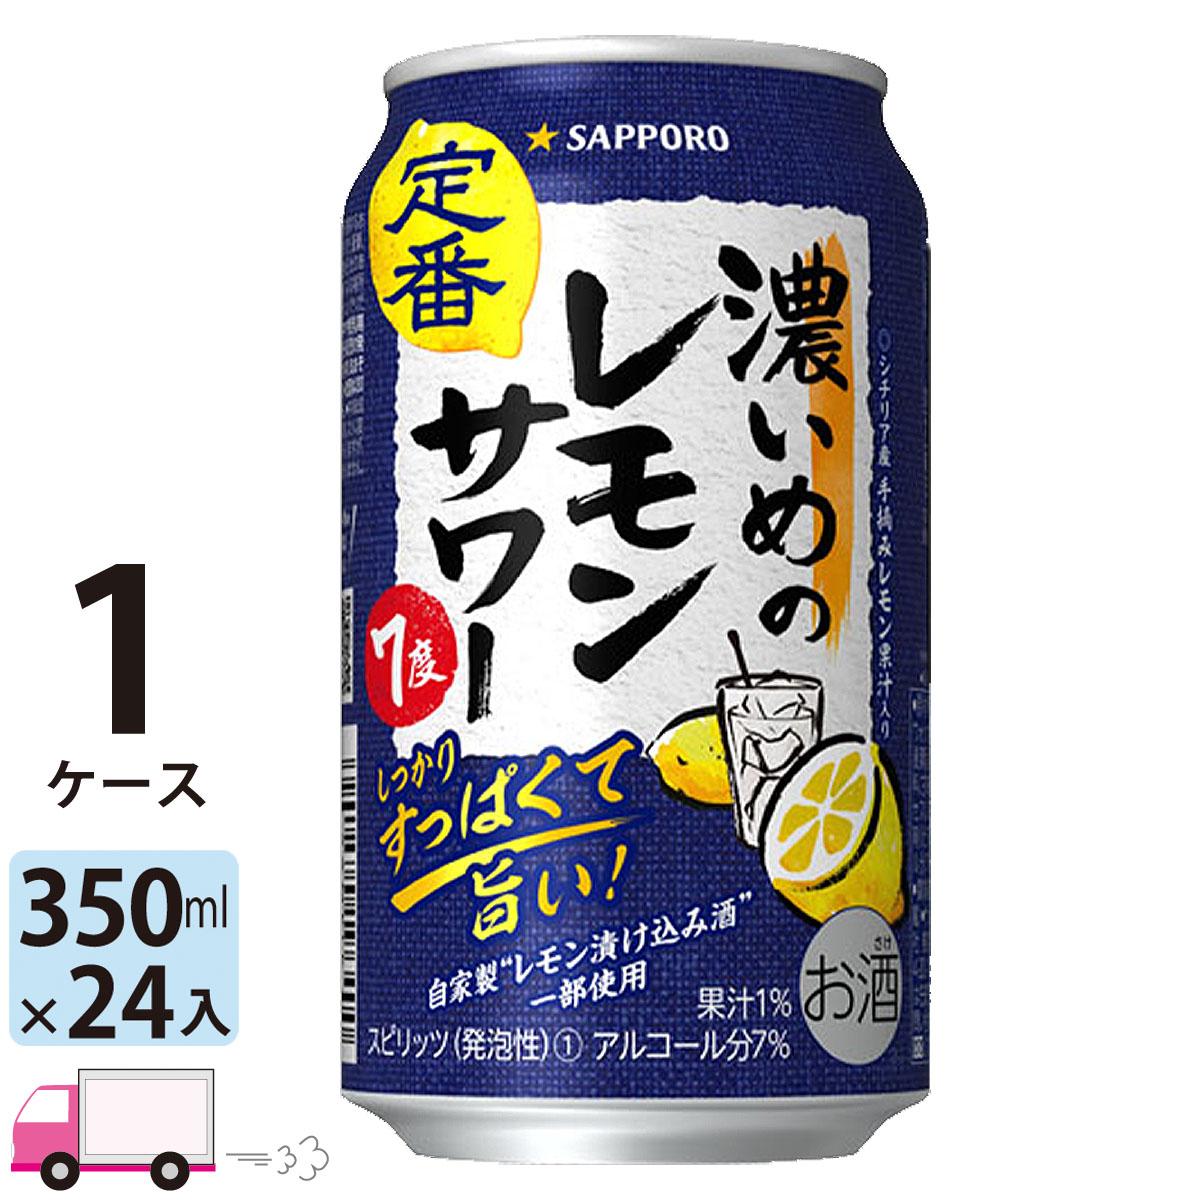 レモン味濃いめのしっかりすっぱいレモンサワー サッポロ チューハイ 濃いめのレモンサワー 24缶入 輸入 オンライン限定商品 350ml 1ケース 24本